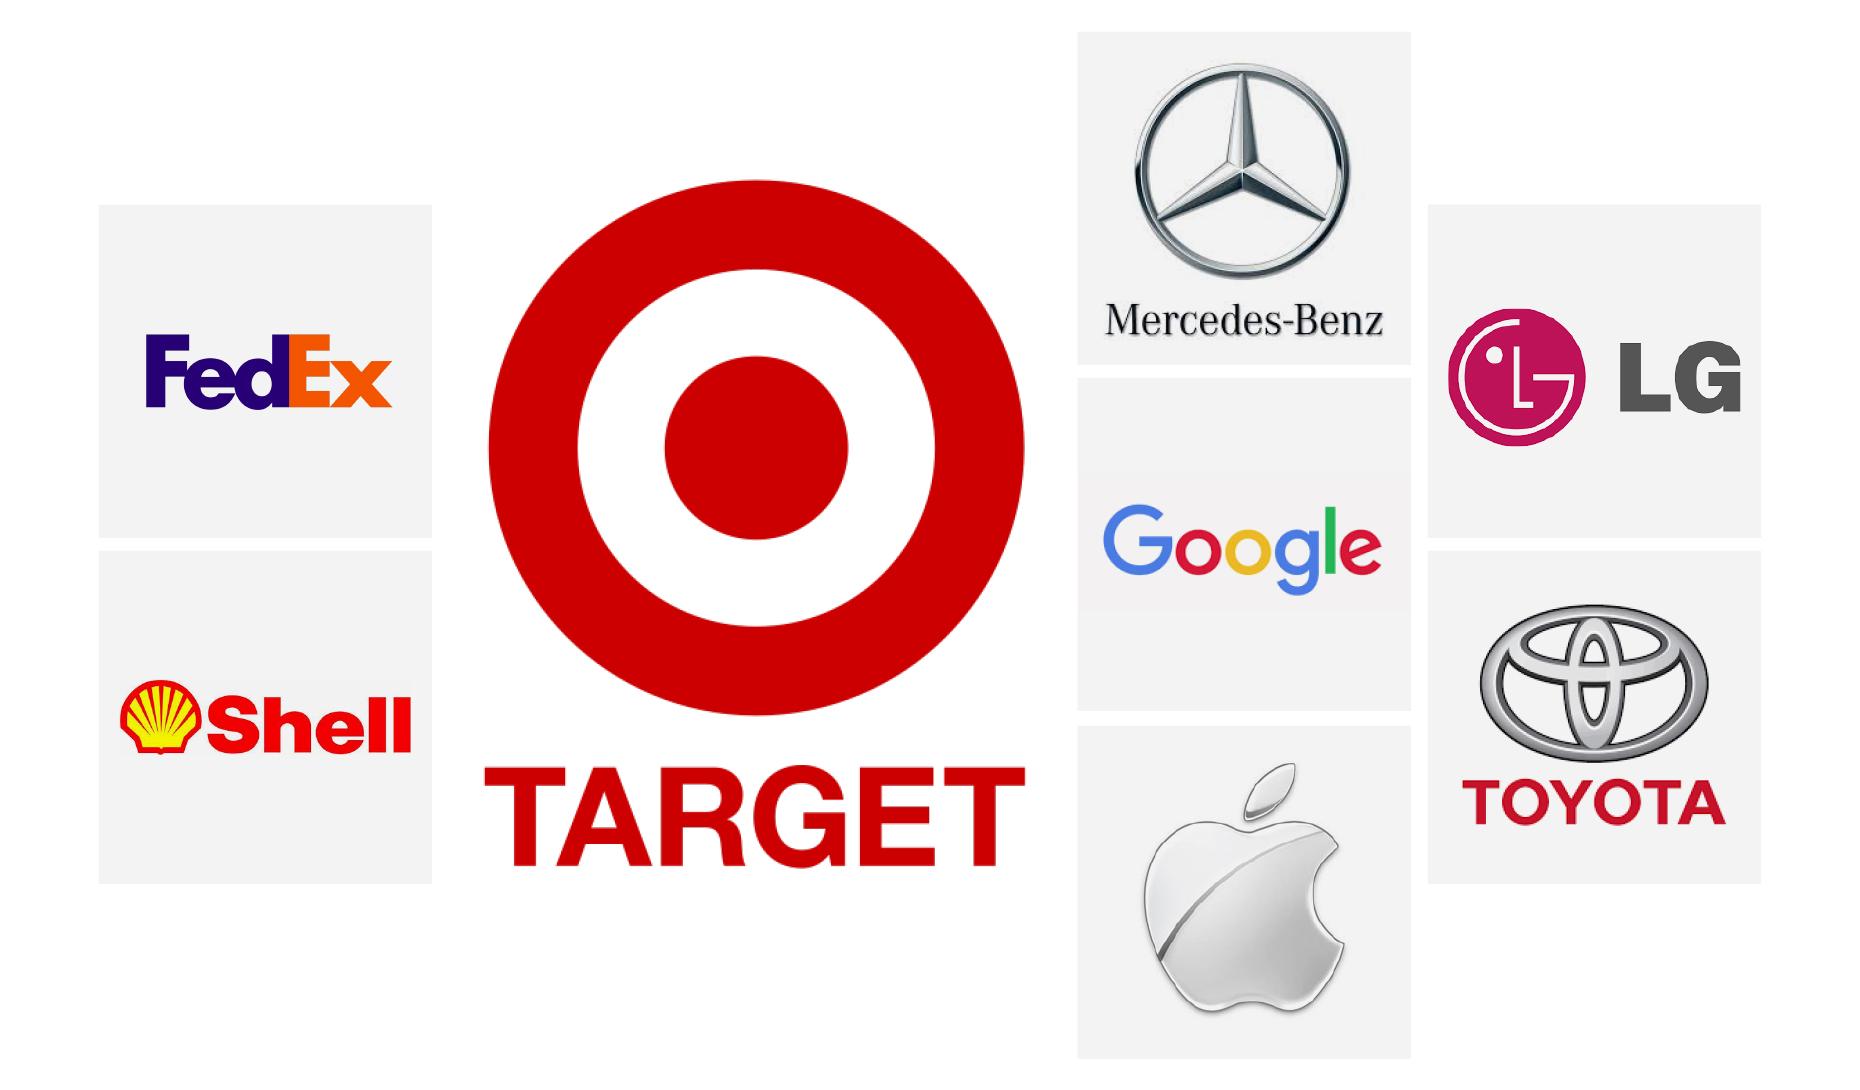 10 berühmte Logos und was du von ihnen lernen kannst 99designs